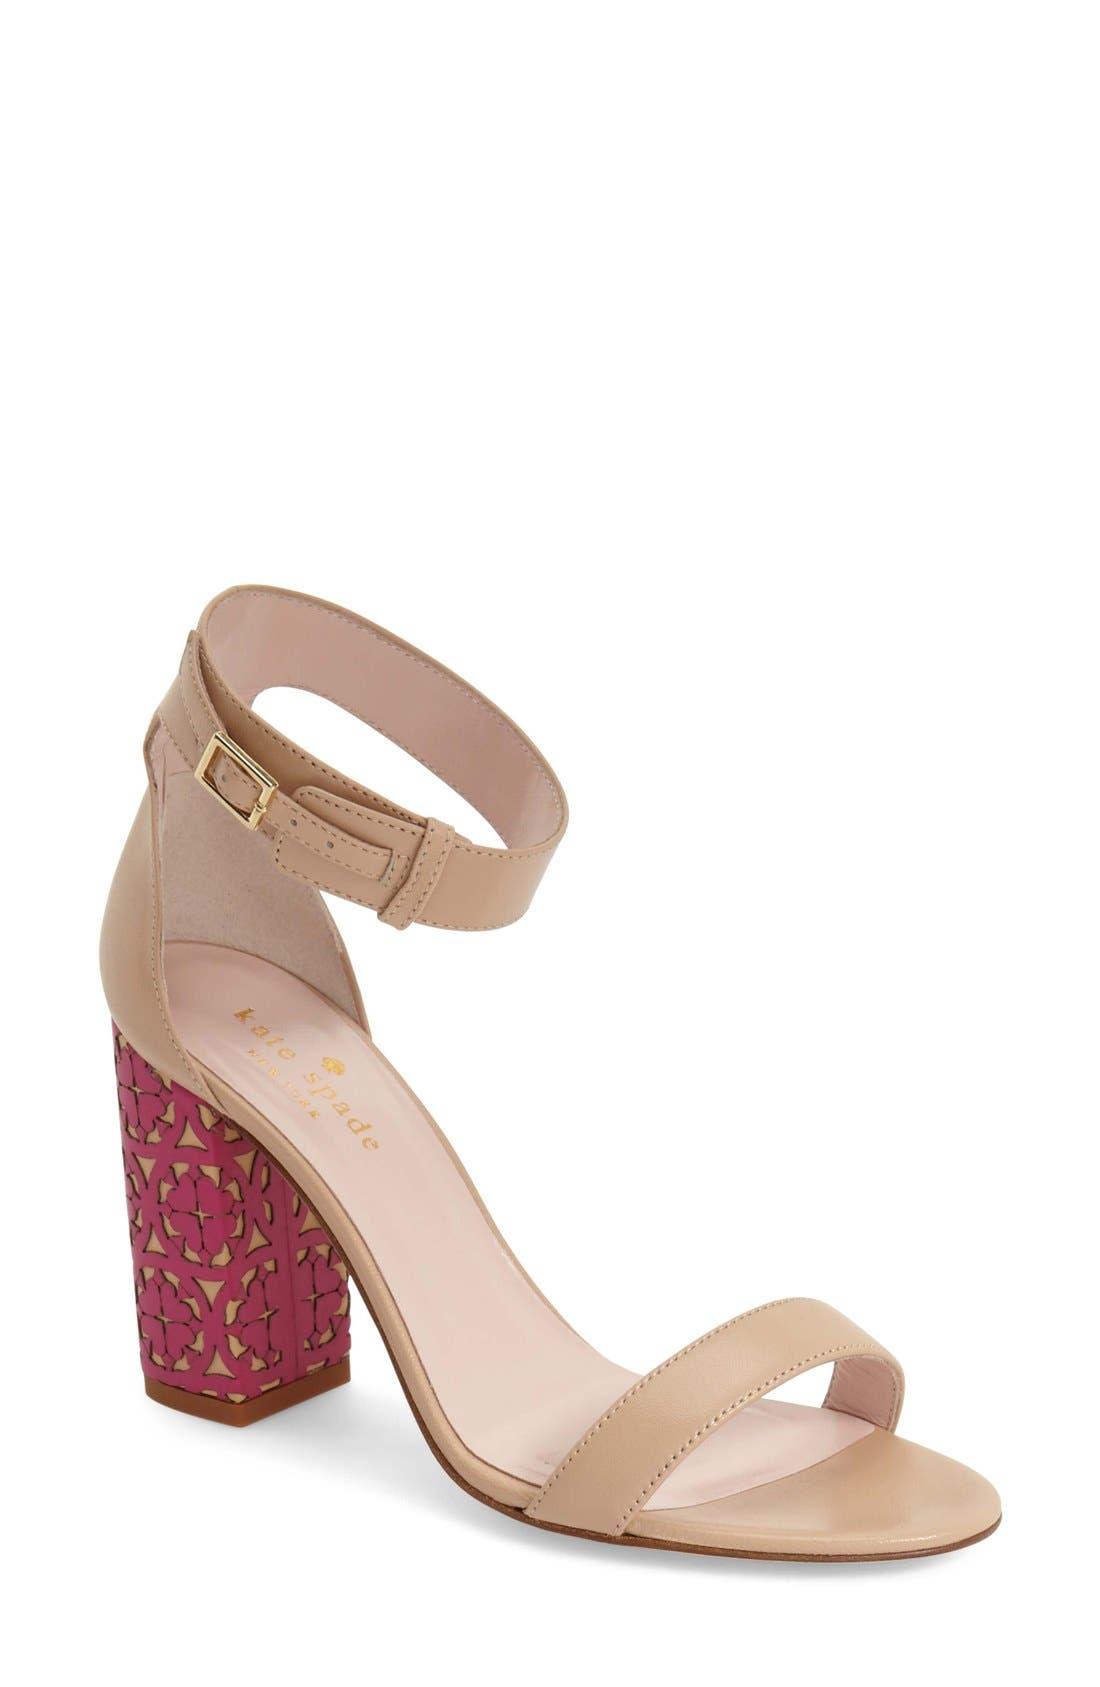 Alternate Image 1 Selected - kate spade new york 'idelle' ankle strap block heel sandal (Women)